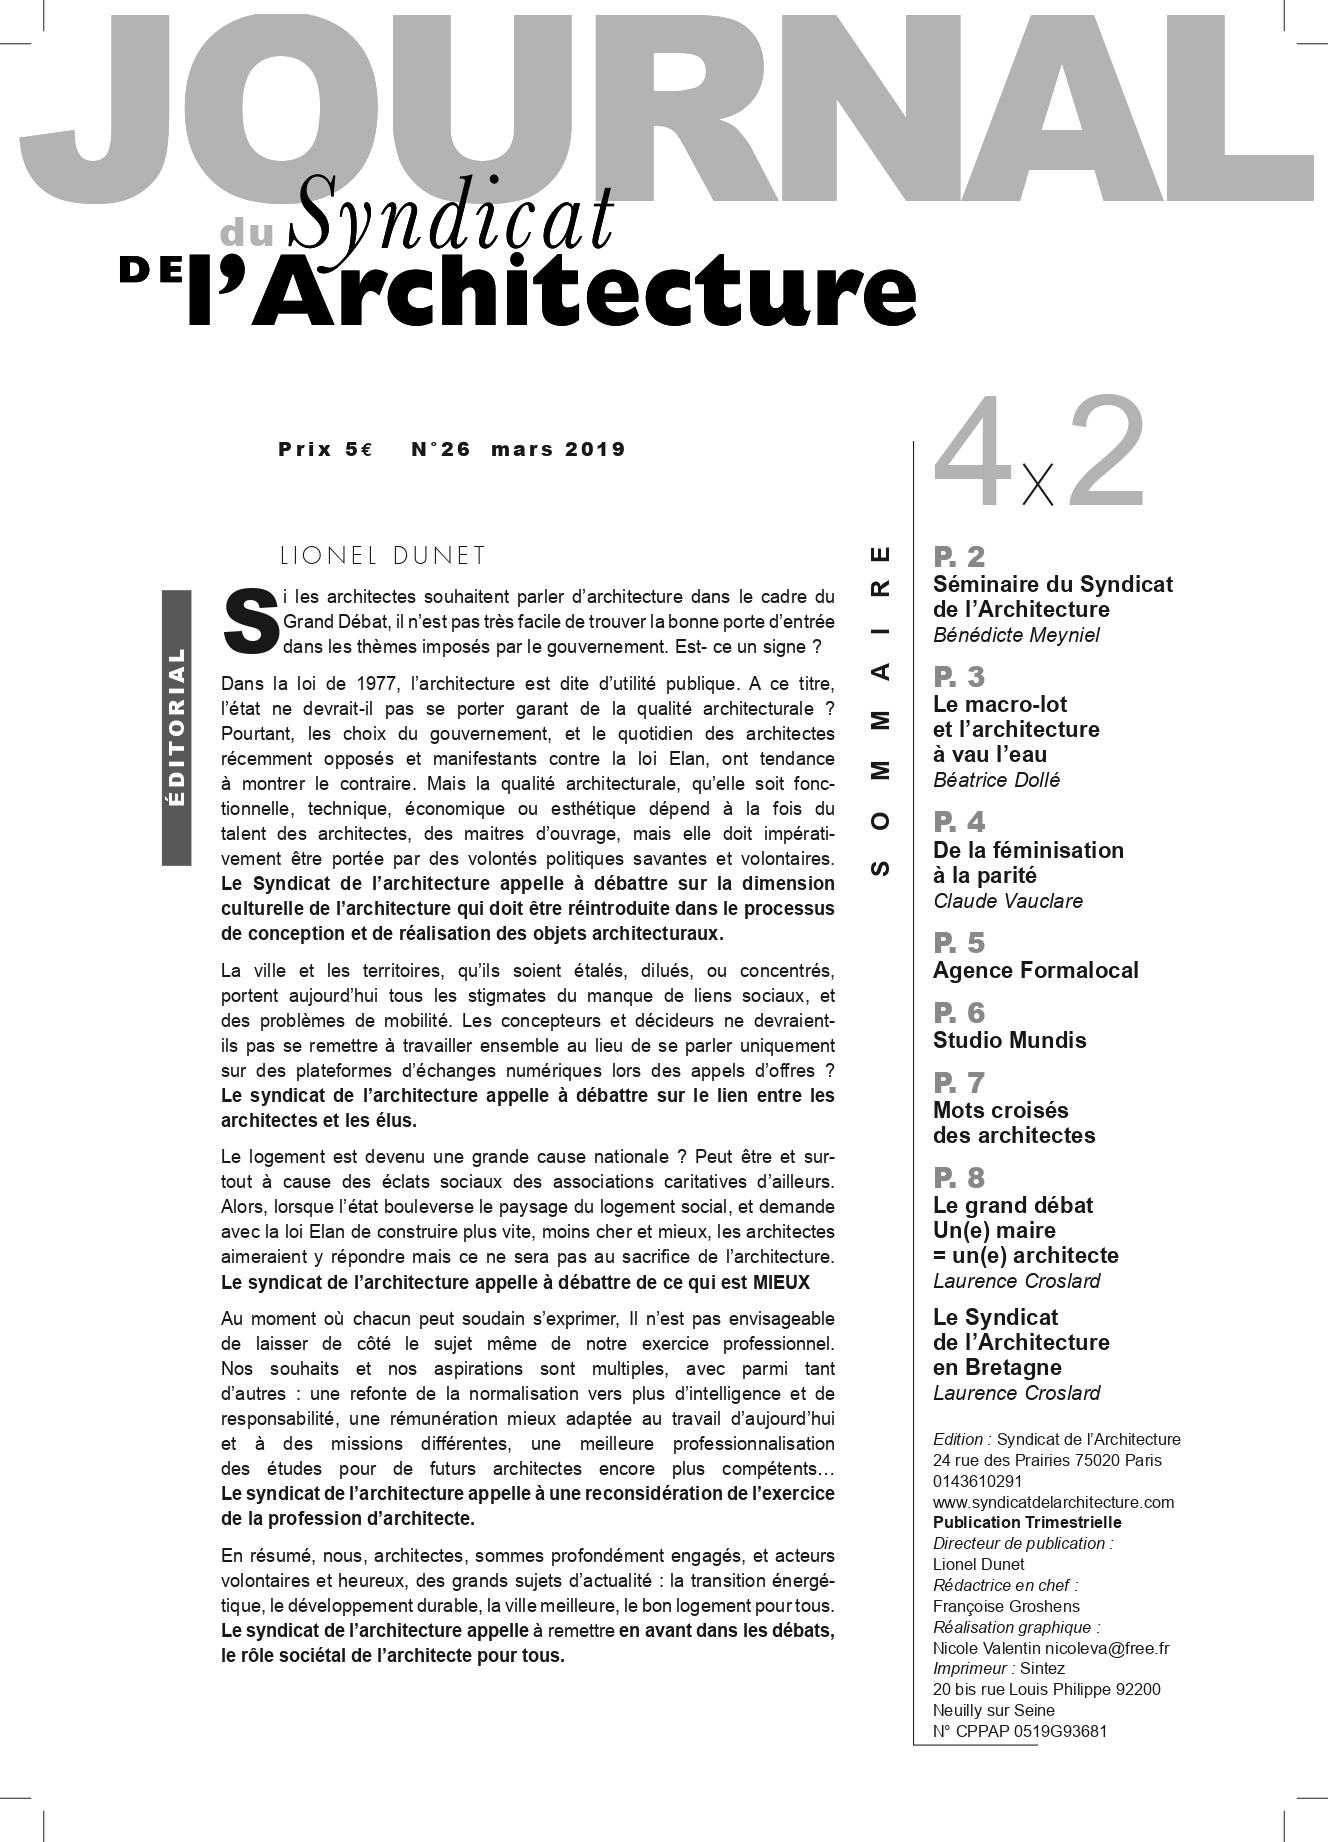 Journal n 26.jpg